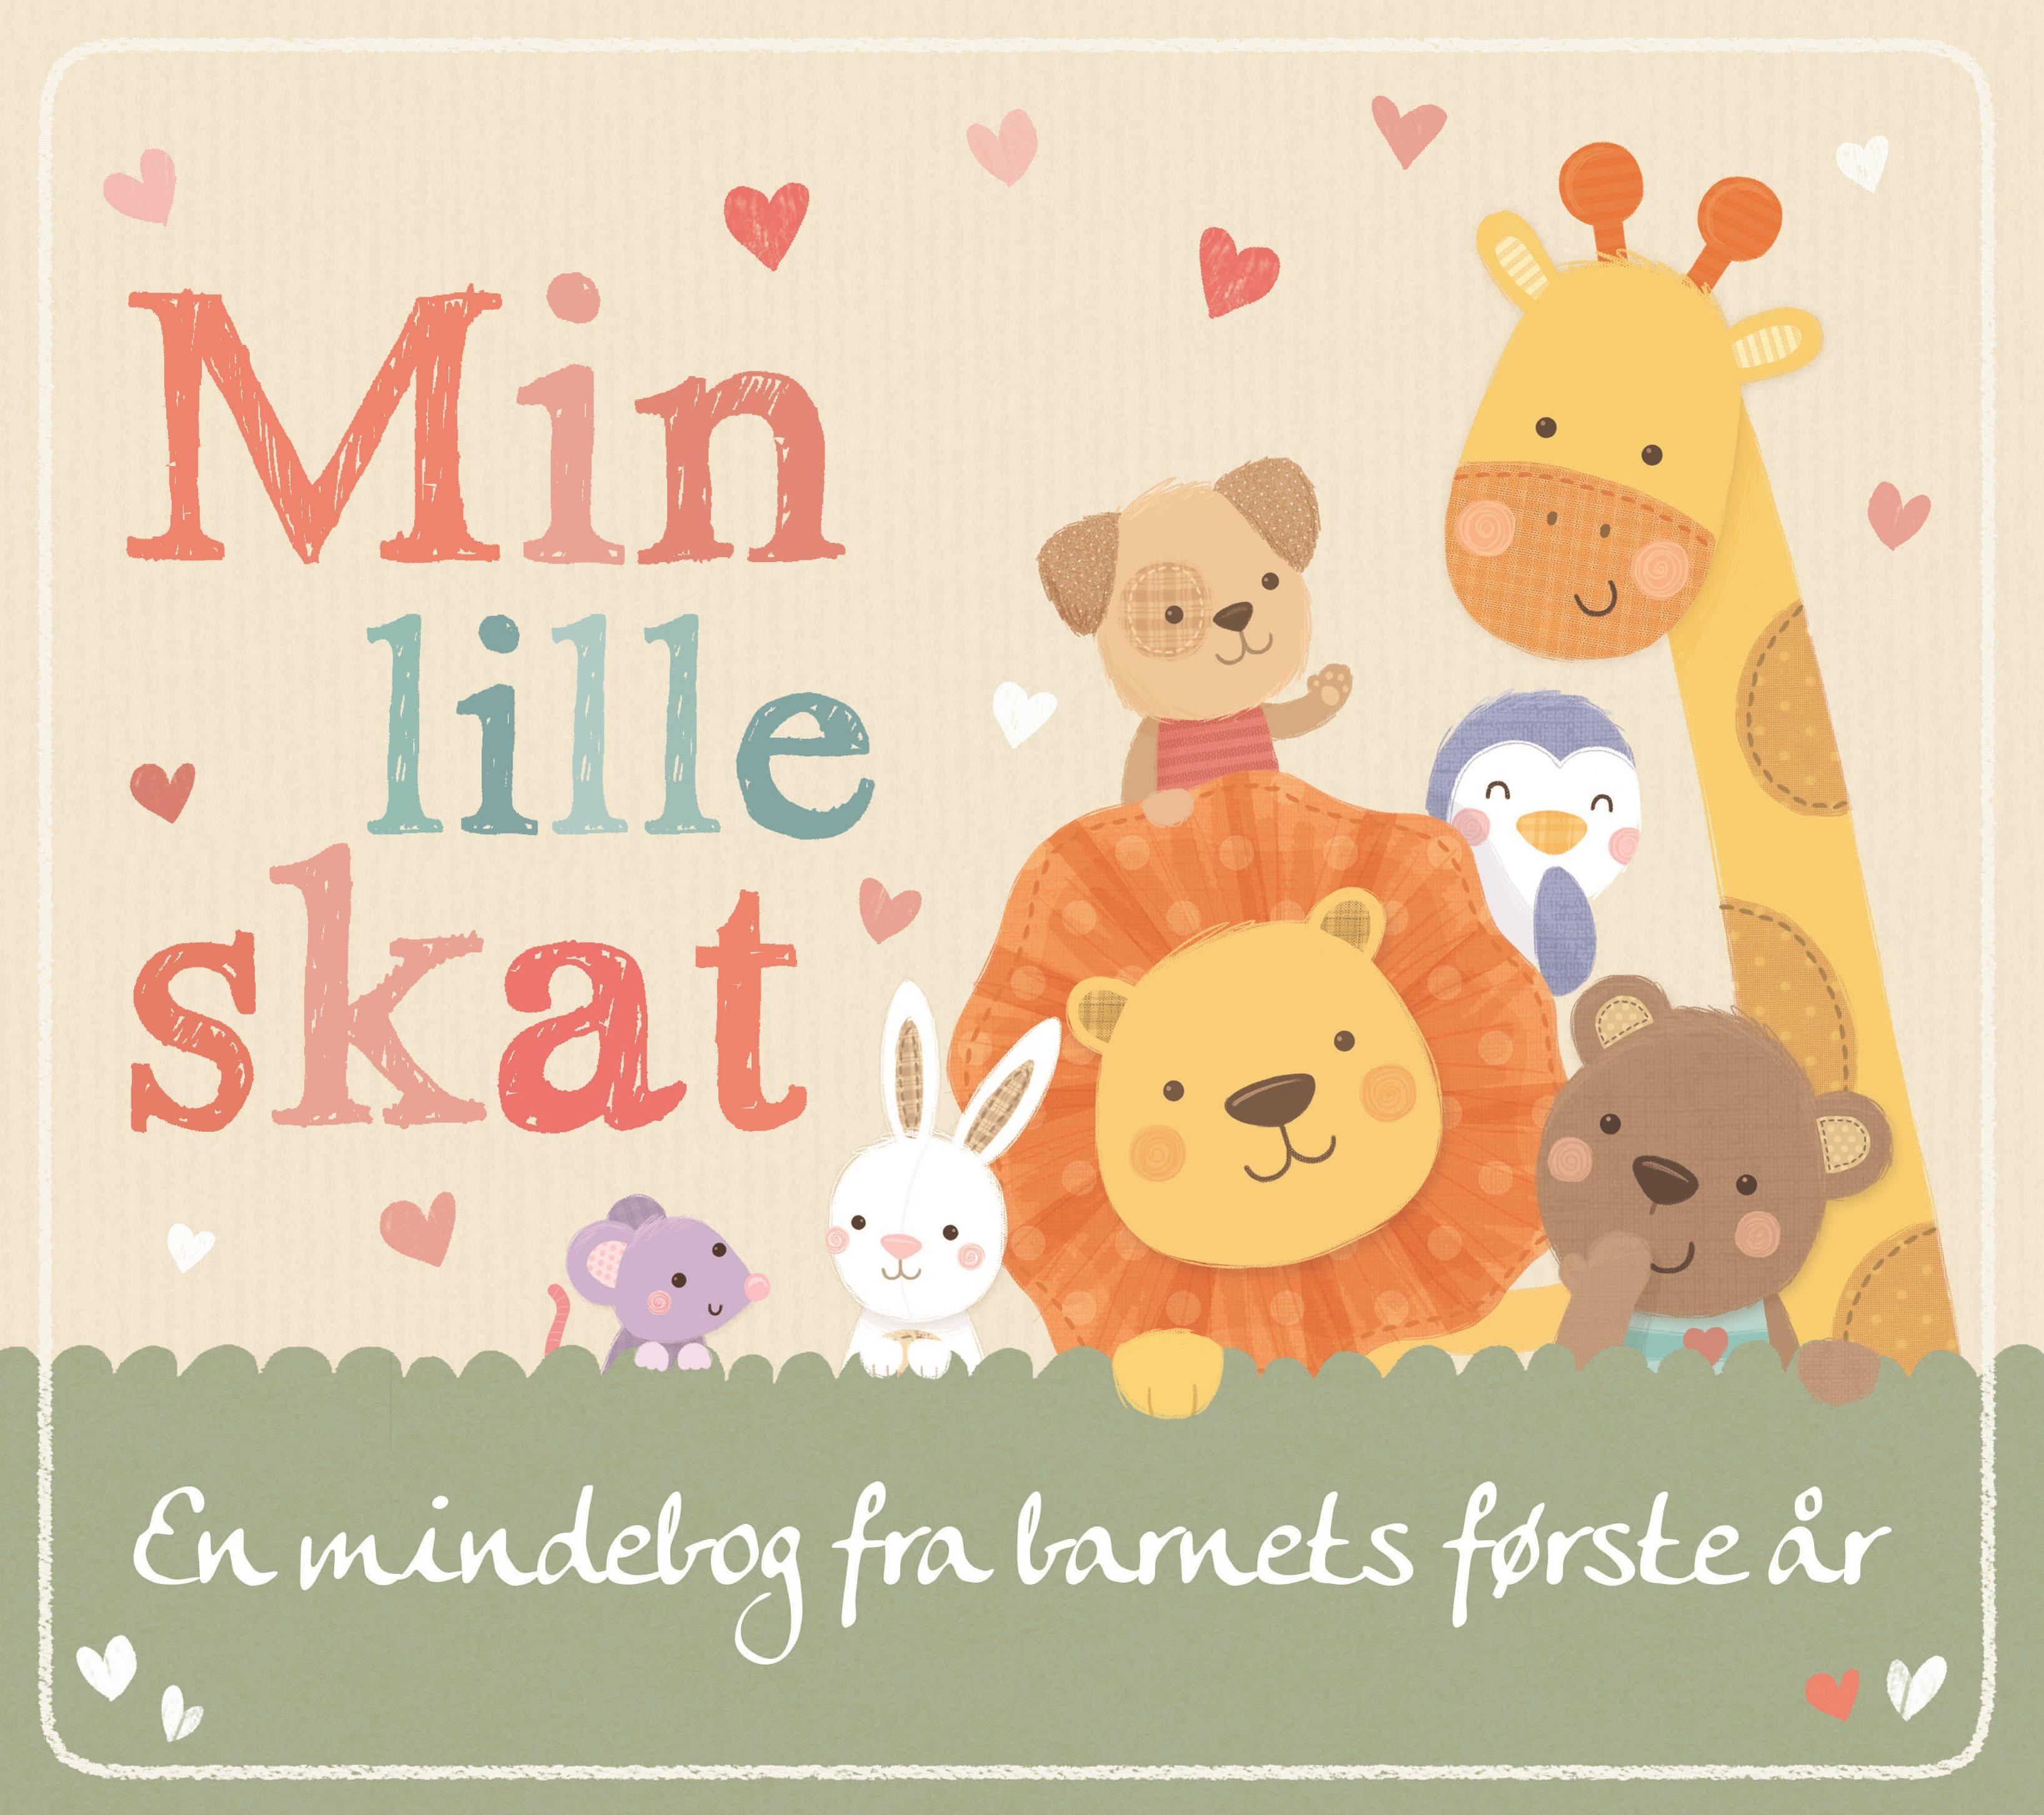 Min lille skat, mindebog, mindebøger, barnets første år, barnets første bog, babys første bog